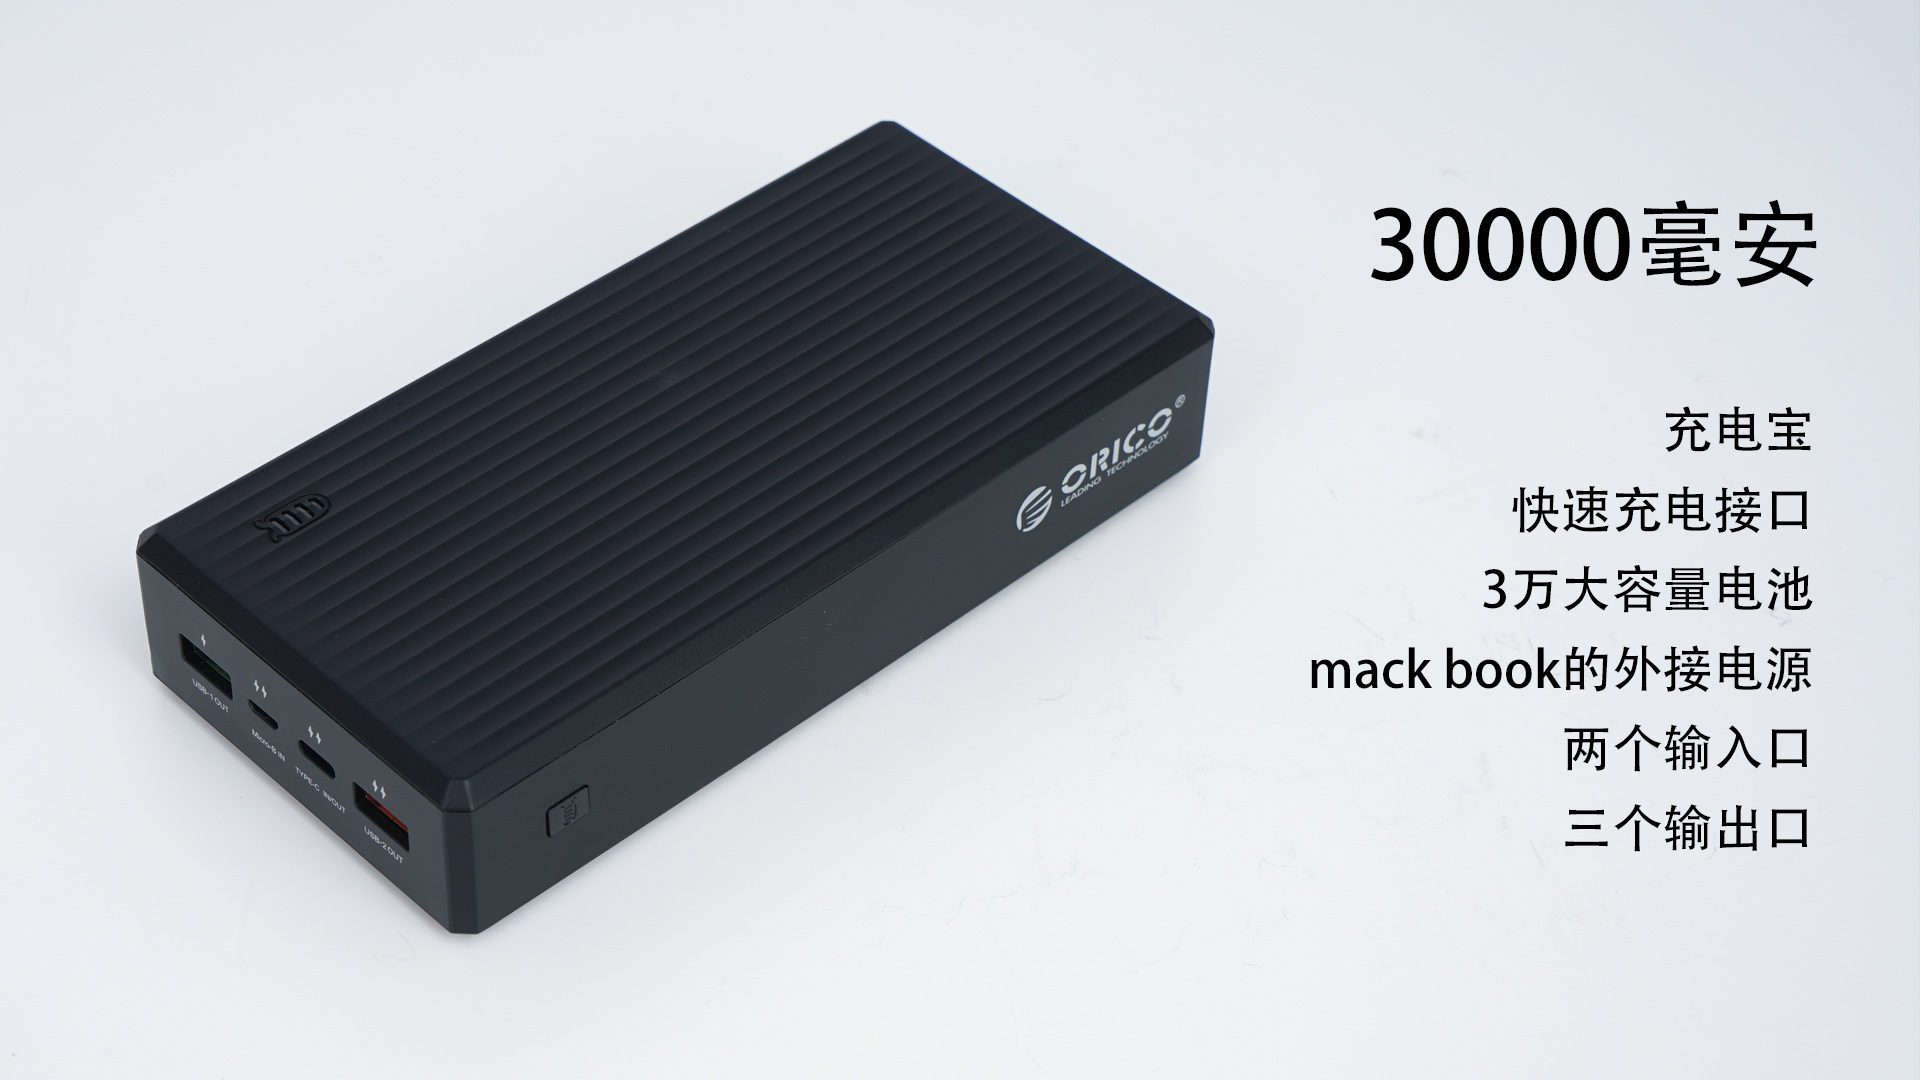 能给mackbook笔记本供电的移动电池,30000毫安快充真香